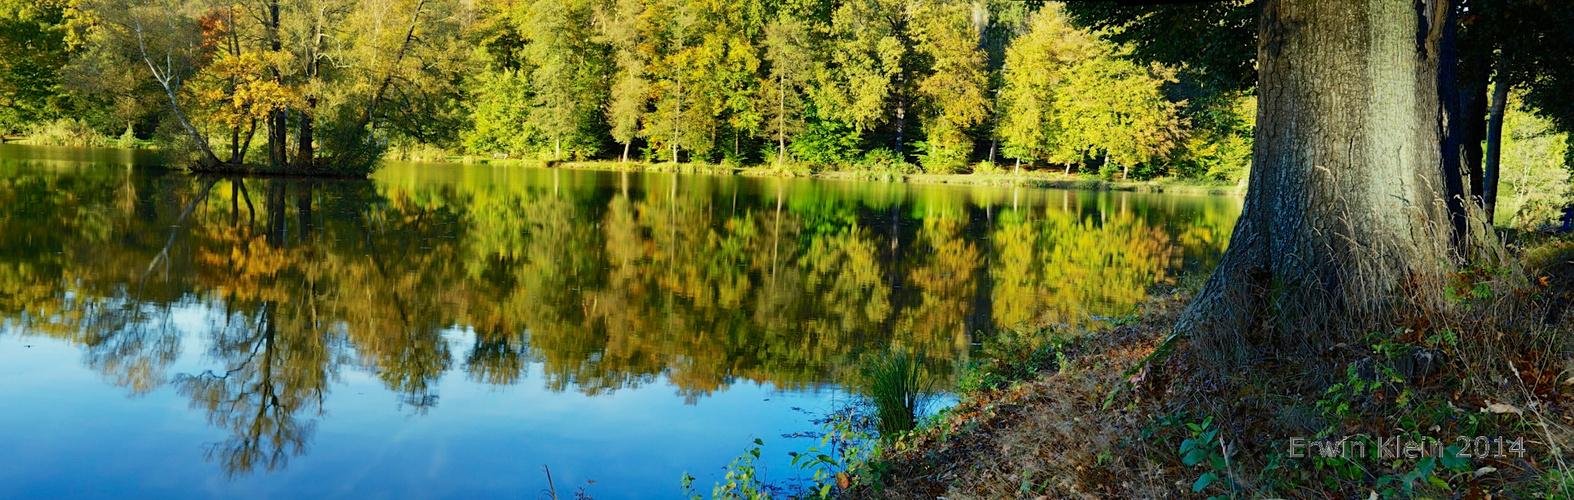 Der kleine Waldsee bei Büdingen lockt mich im Herbst am Meisten!